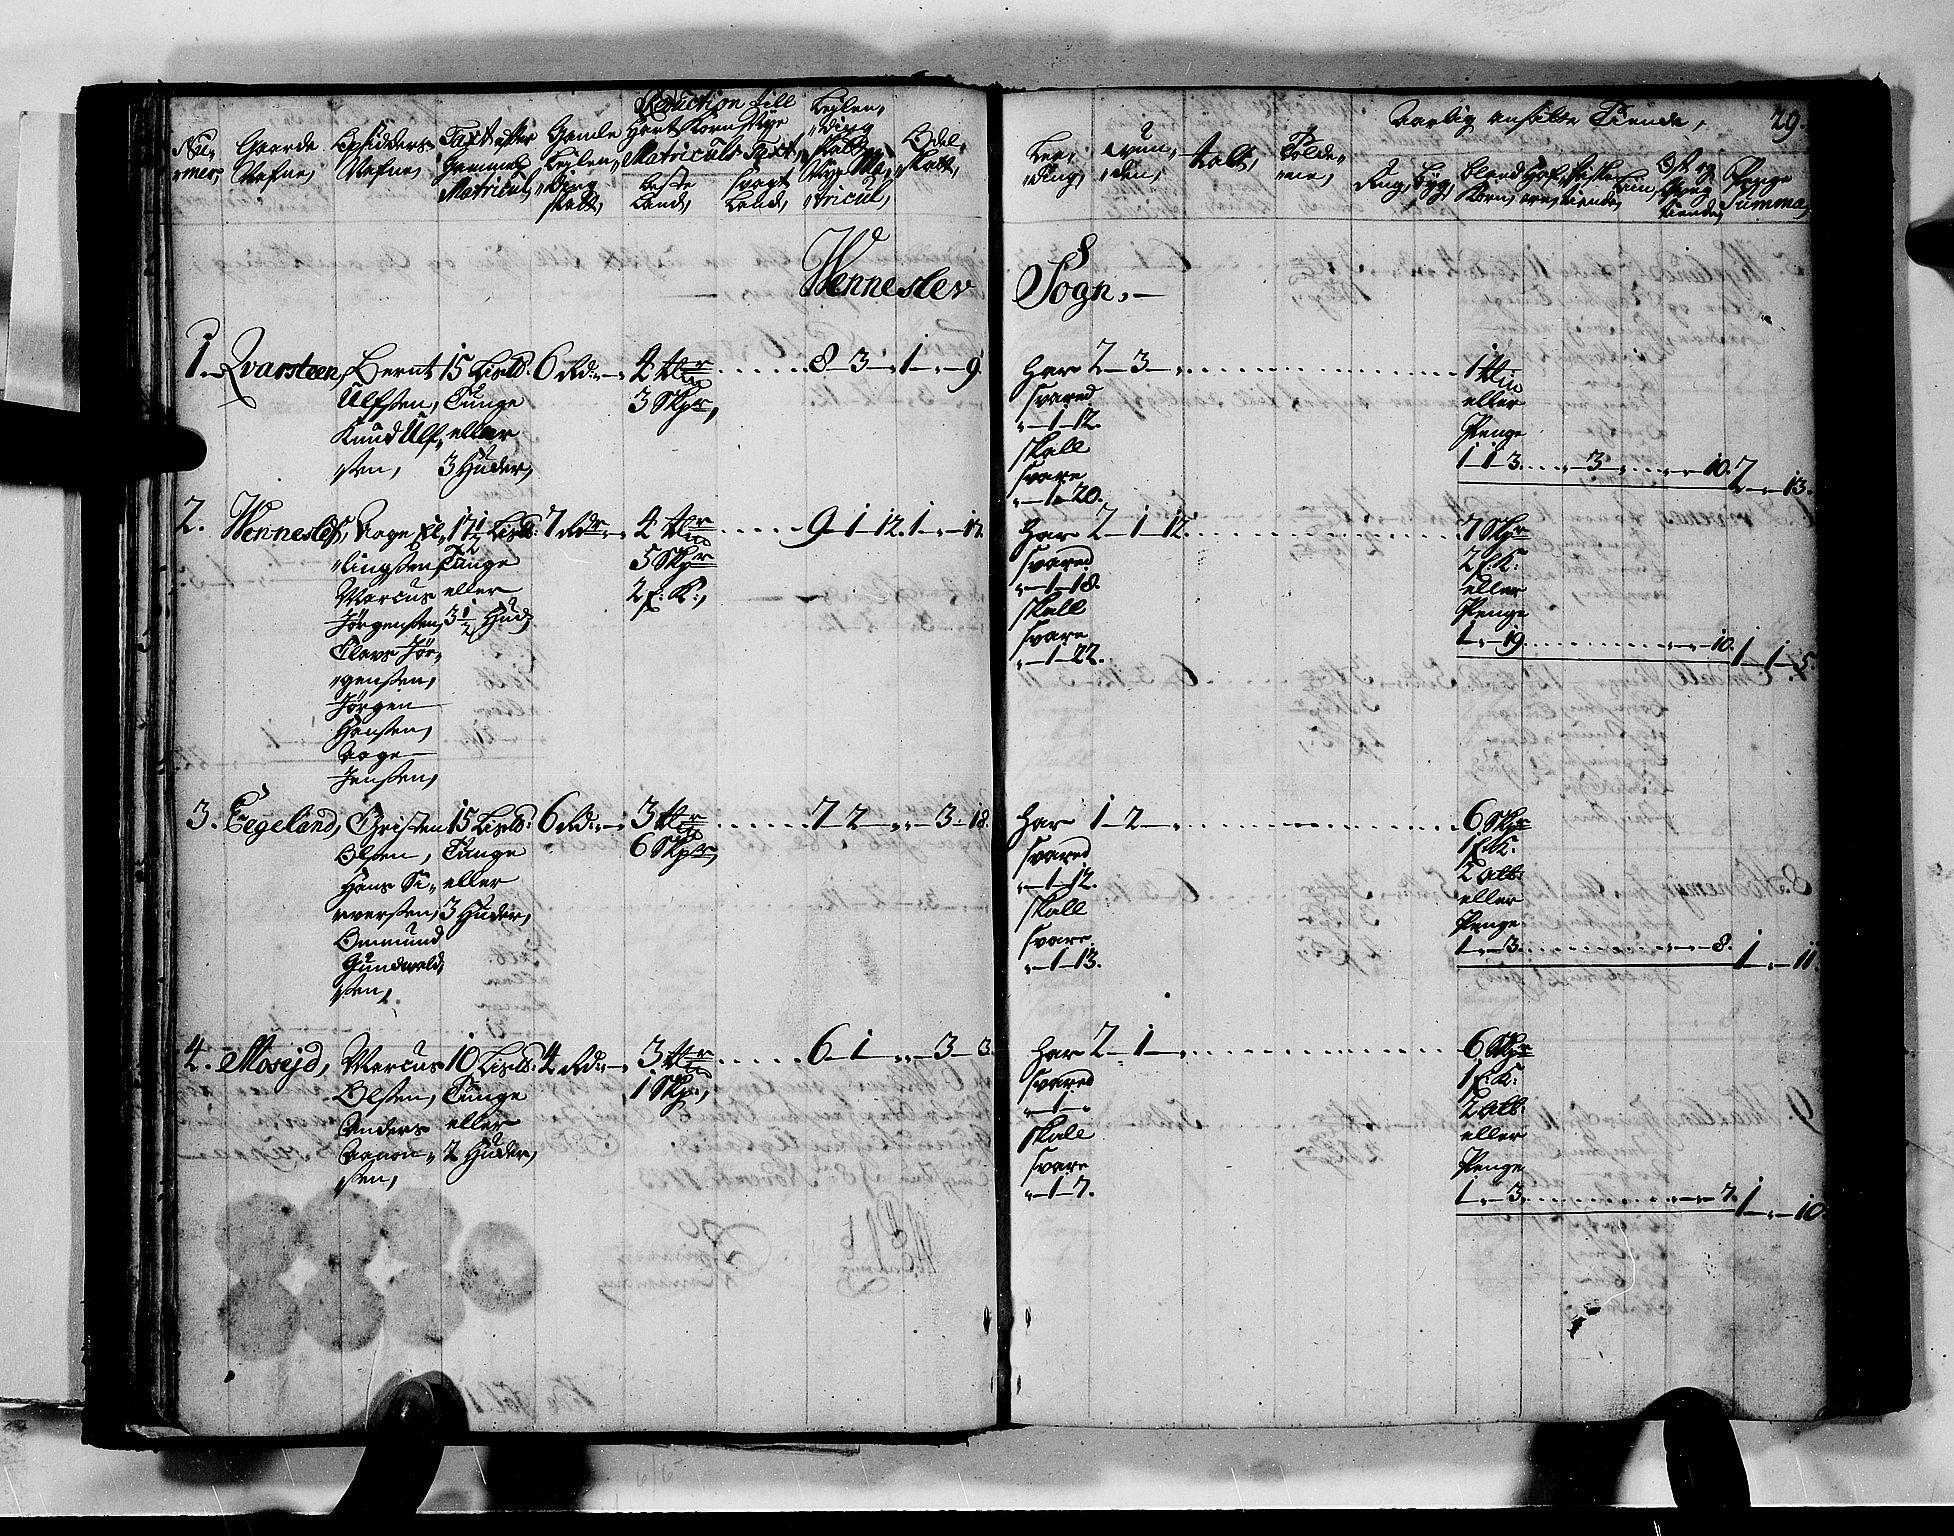 RA, Rentekammeret inntil 1814, Realistisk ordnet avdeling, N/Nb/Nbf/L0128: Mandal matrikkelprotokoll, 1723, s. 28b-29a